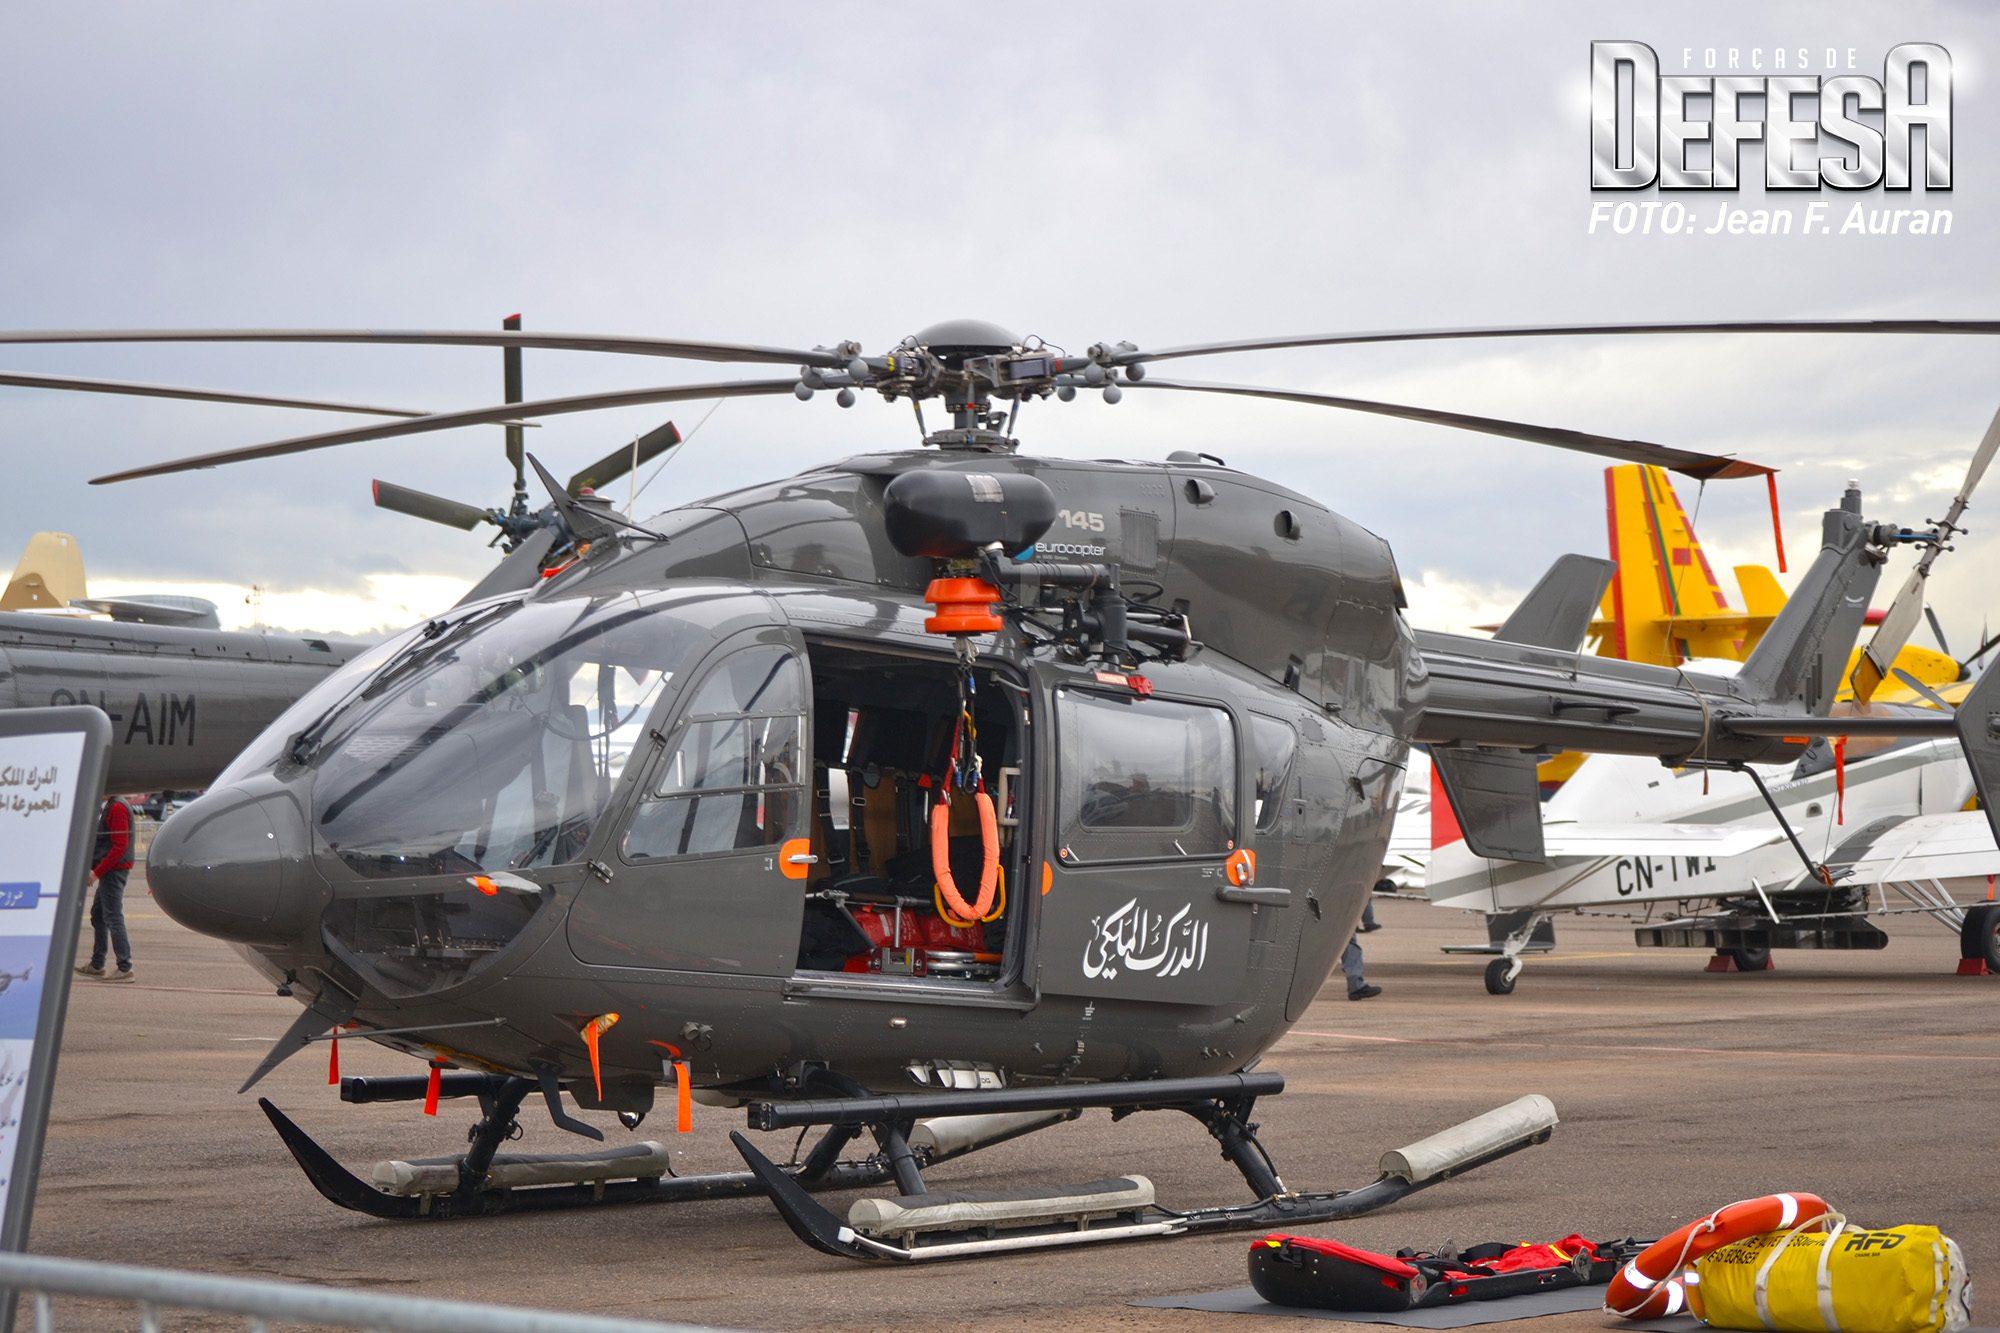 EC-145 da Gendarmerie Royale Marocaine